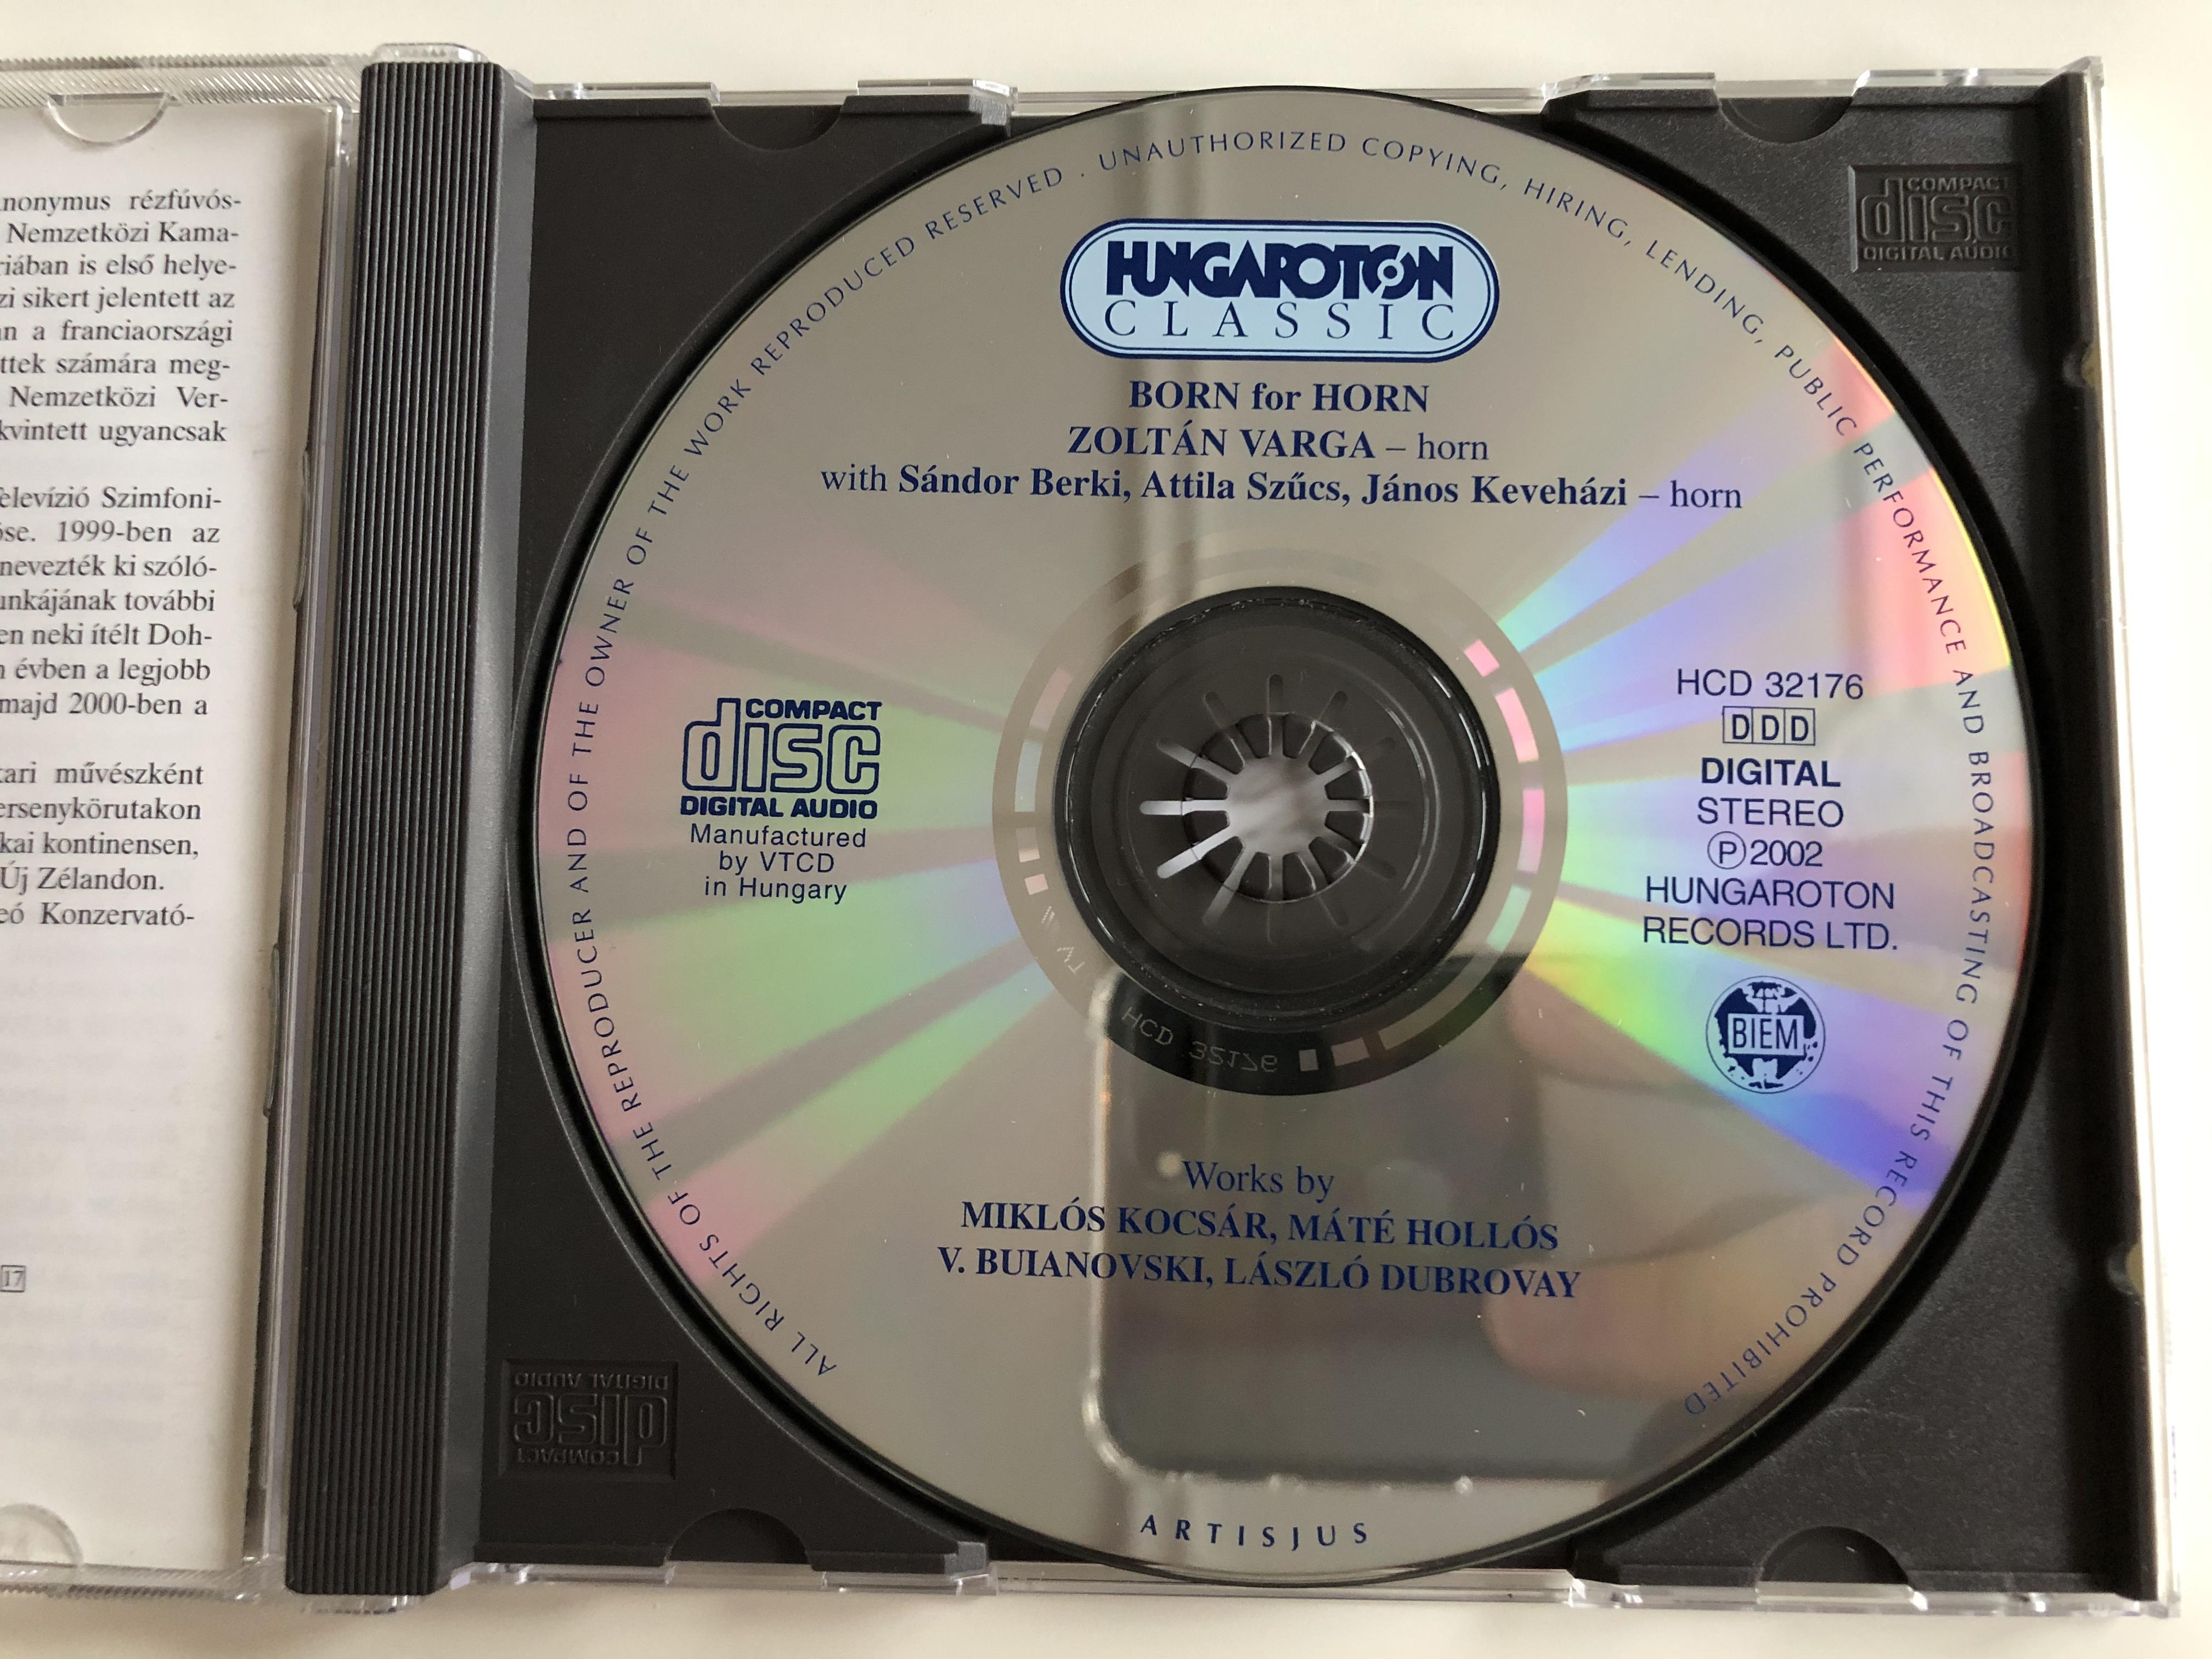 born-for-horn-zolt-n-varga-horn-works-by-kocs-r-holl-s-buianovski-dubrovay-hungaroton-classic-audio-cd-2002-stereo-hcd-32176-6-.jpg